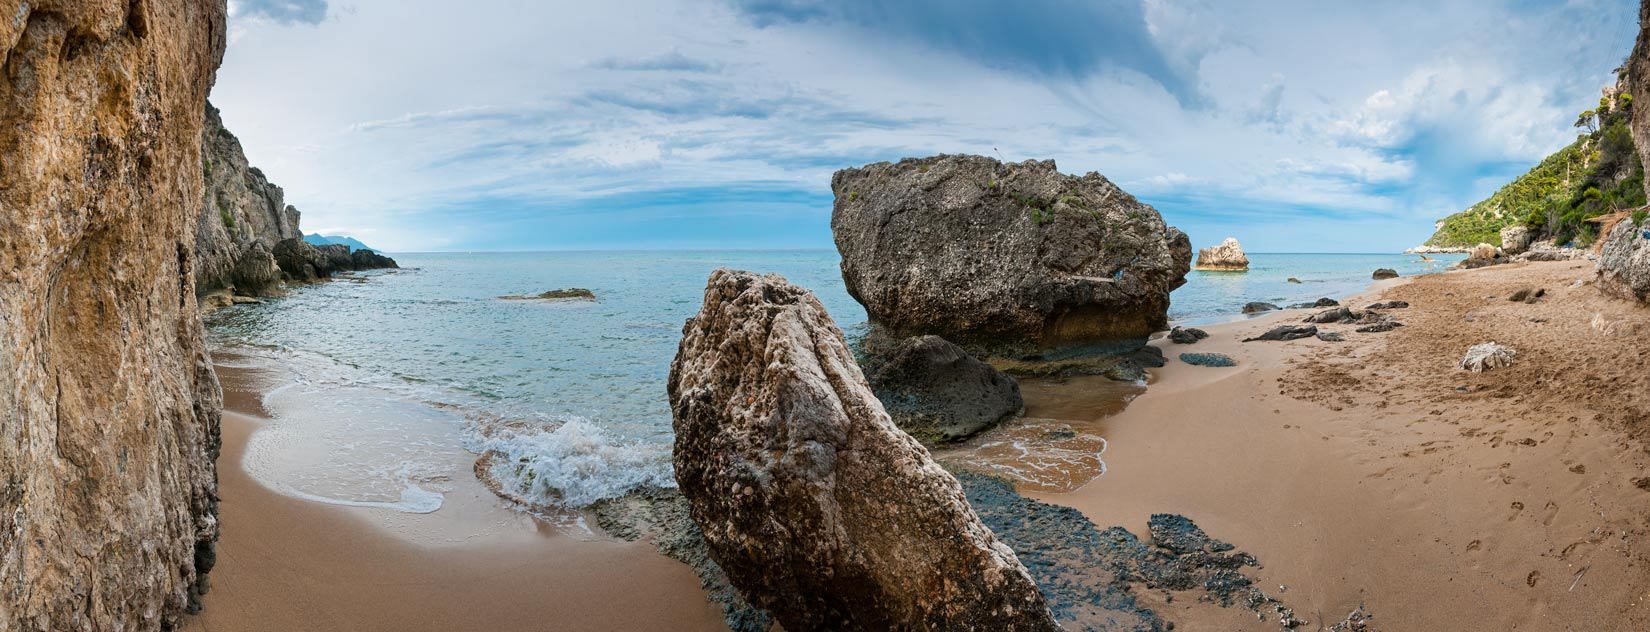 Vyznavačům nudismu vyčleněná polovina pláže Mirtiotissas. Brutálně romantická, takhle po ránu...